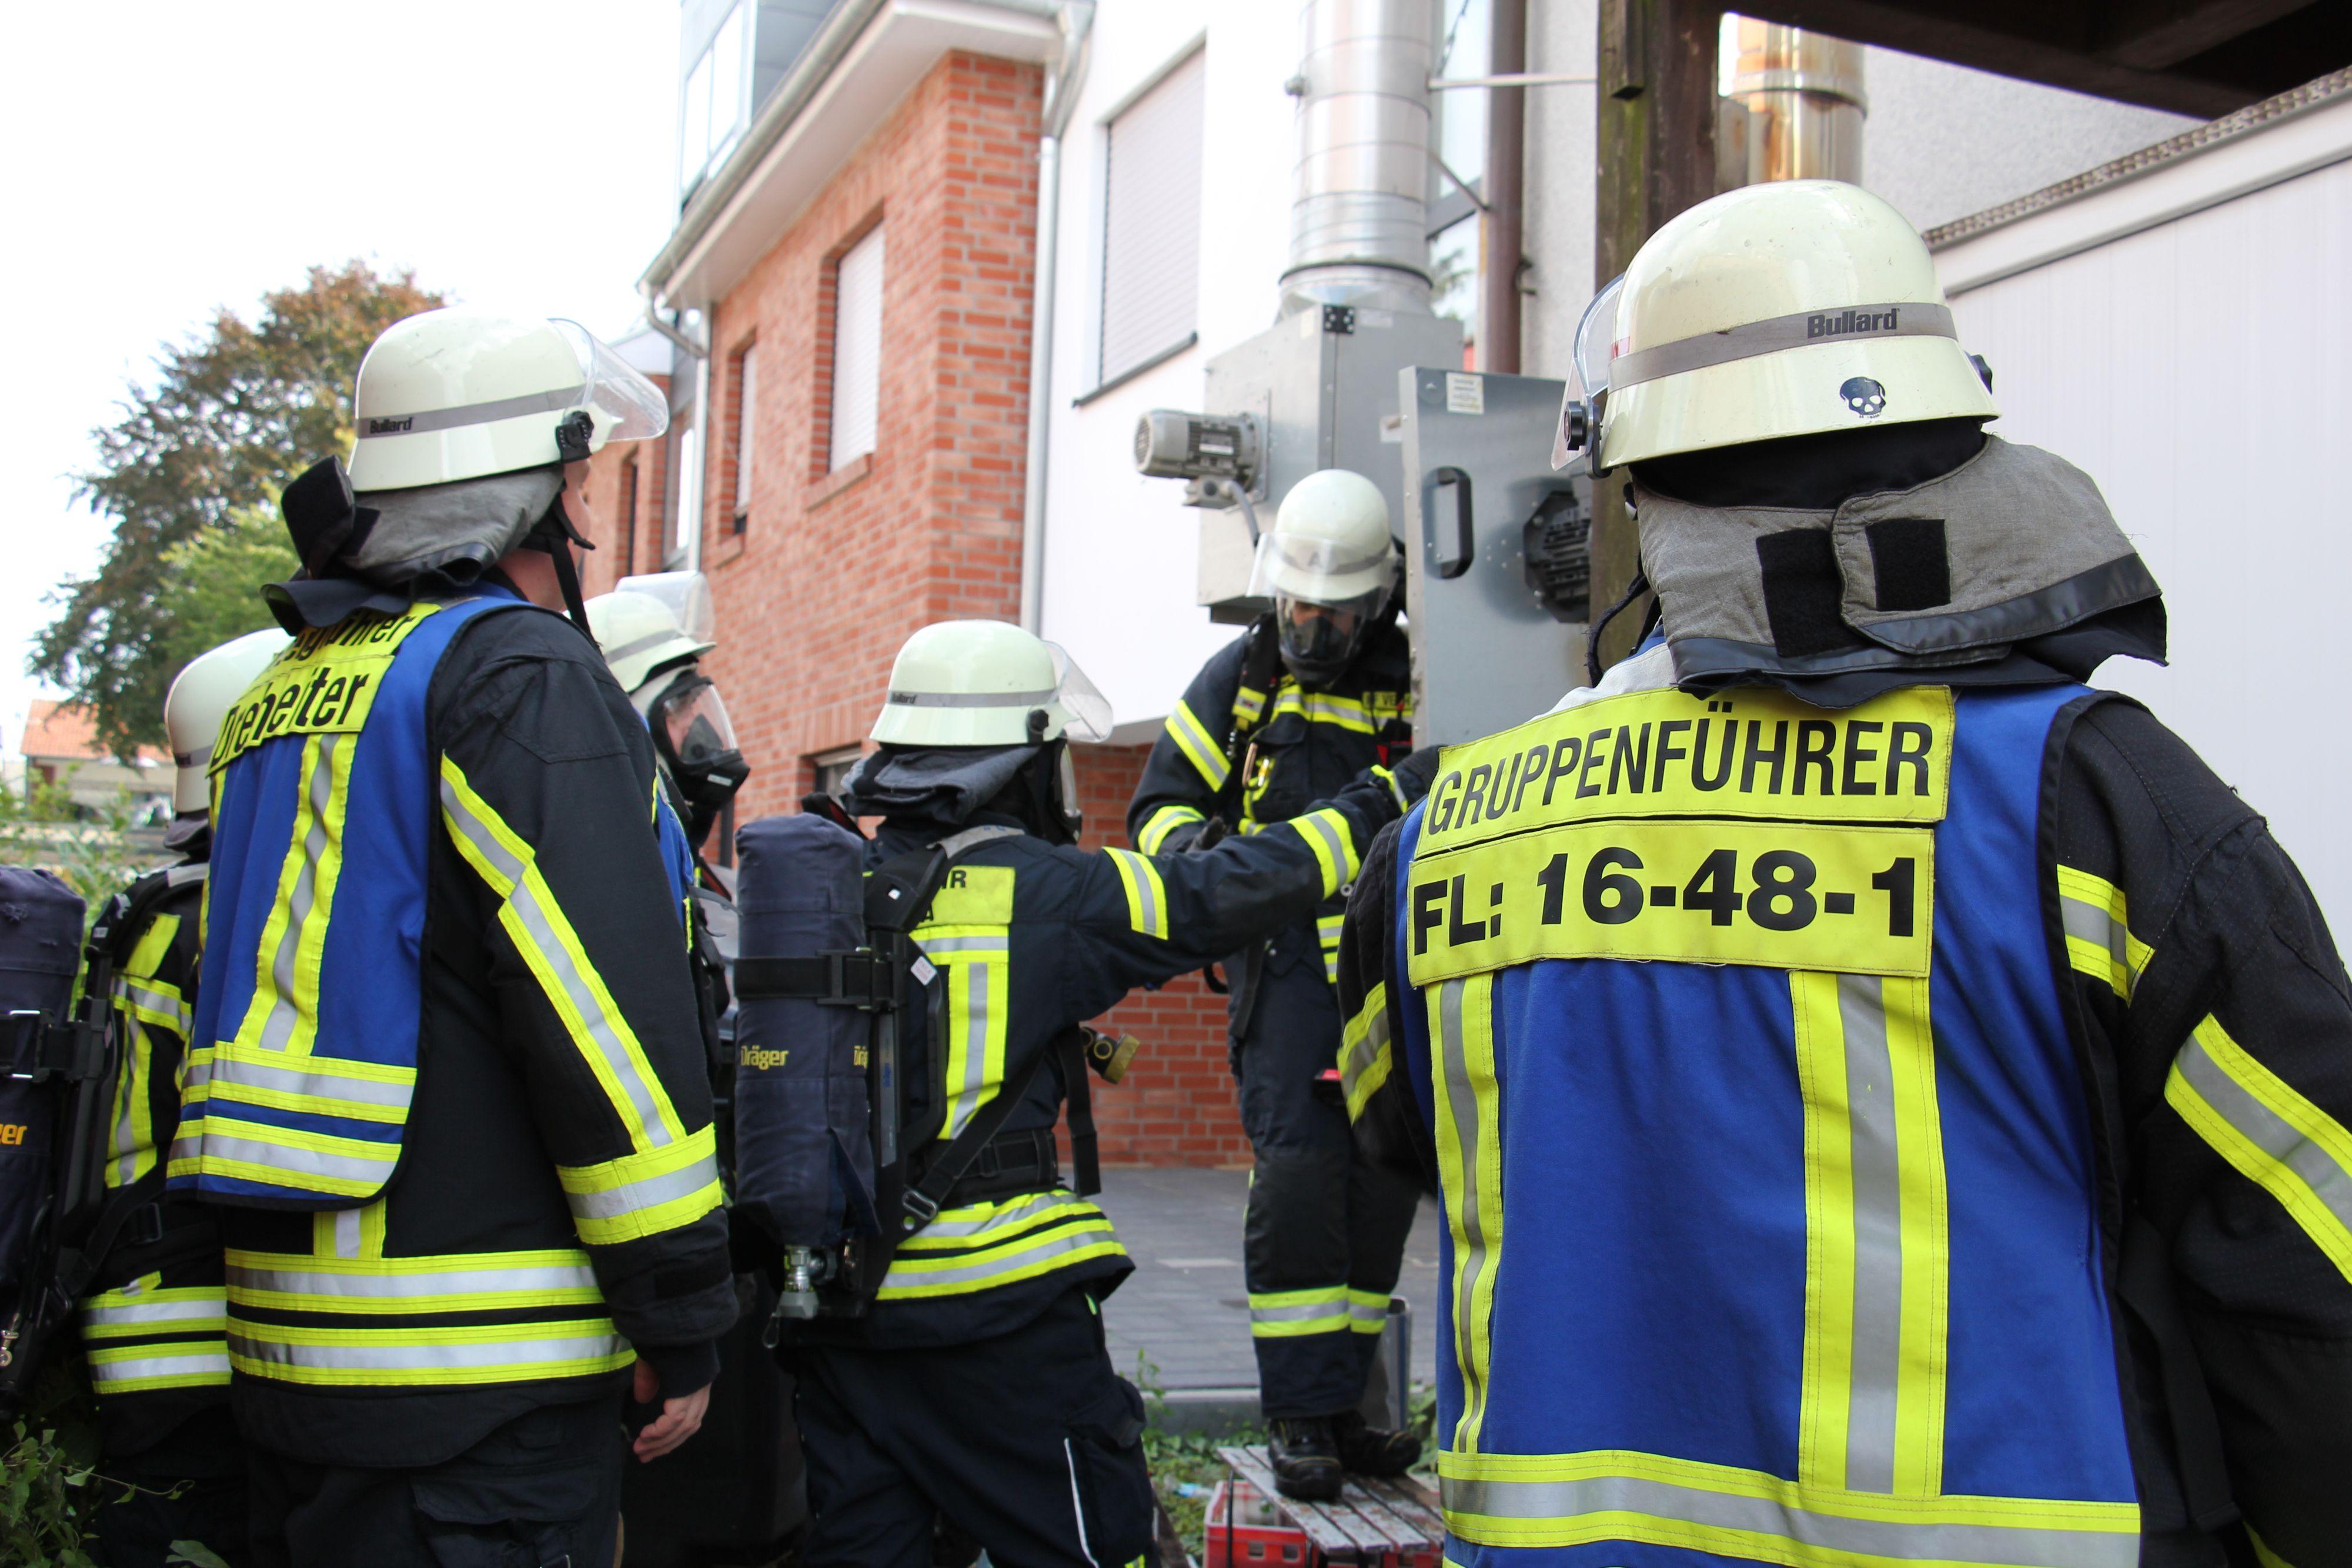 Wenn's brennt, ist die Feuerwehr zur Stelle: Die Mitglieder sollen nun für ihren ehrenamtlichen Einsatz bei der Vergabe von Baugrundstücken belohnt werden. Foto: Speckmann